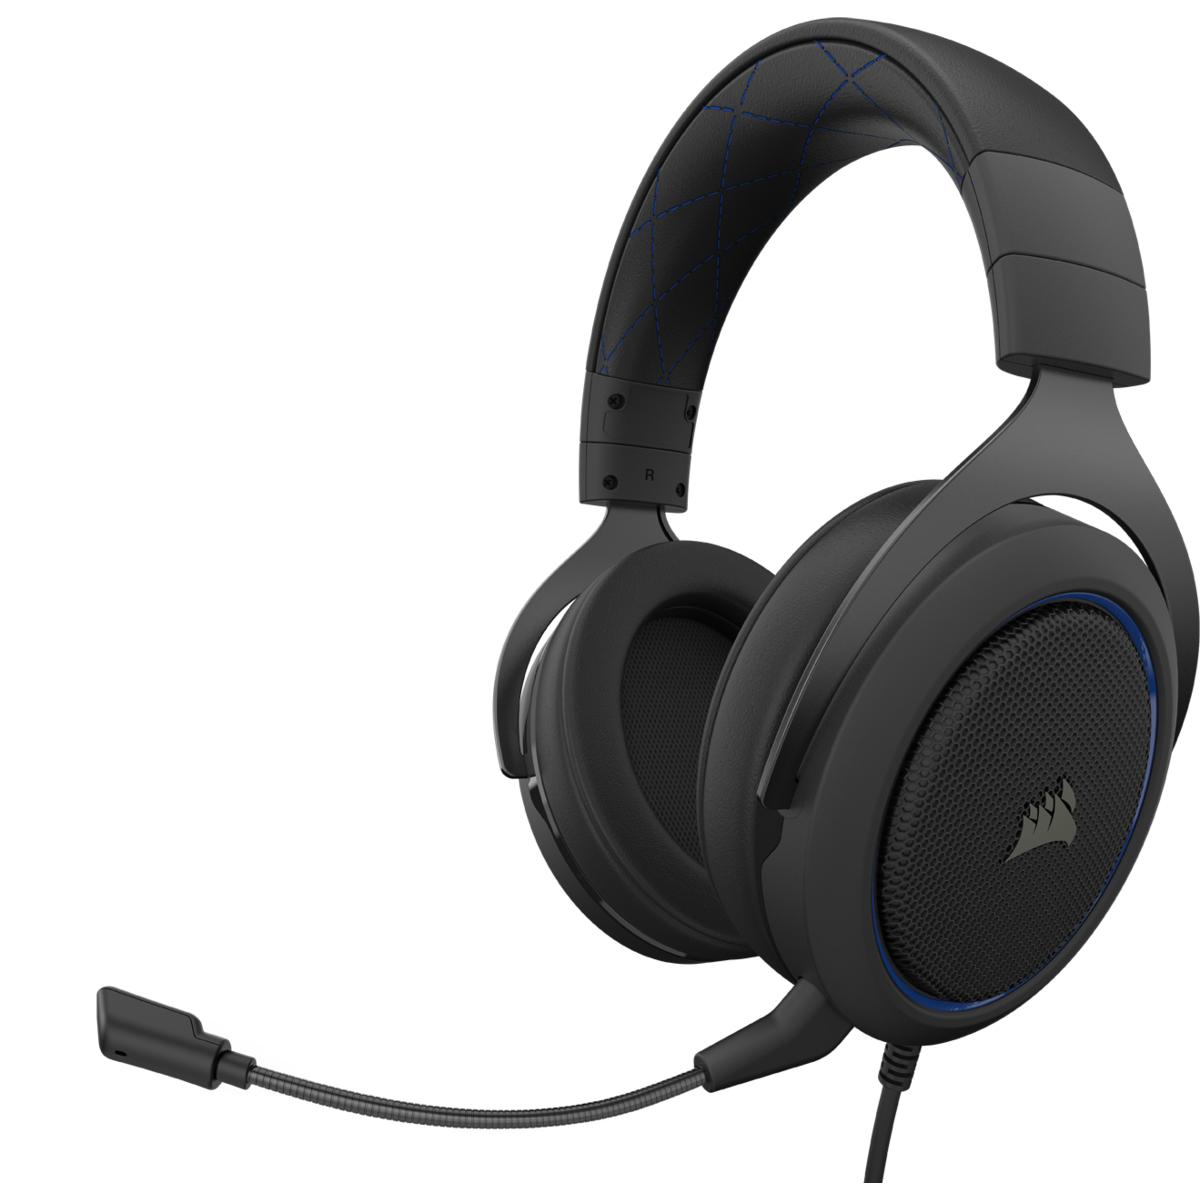 Hs60 Pro Surround Headset Carbon